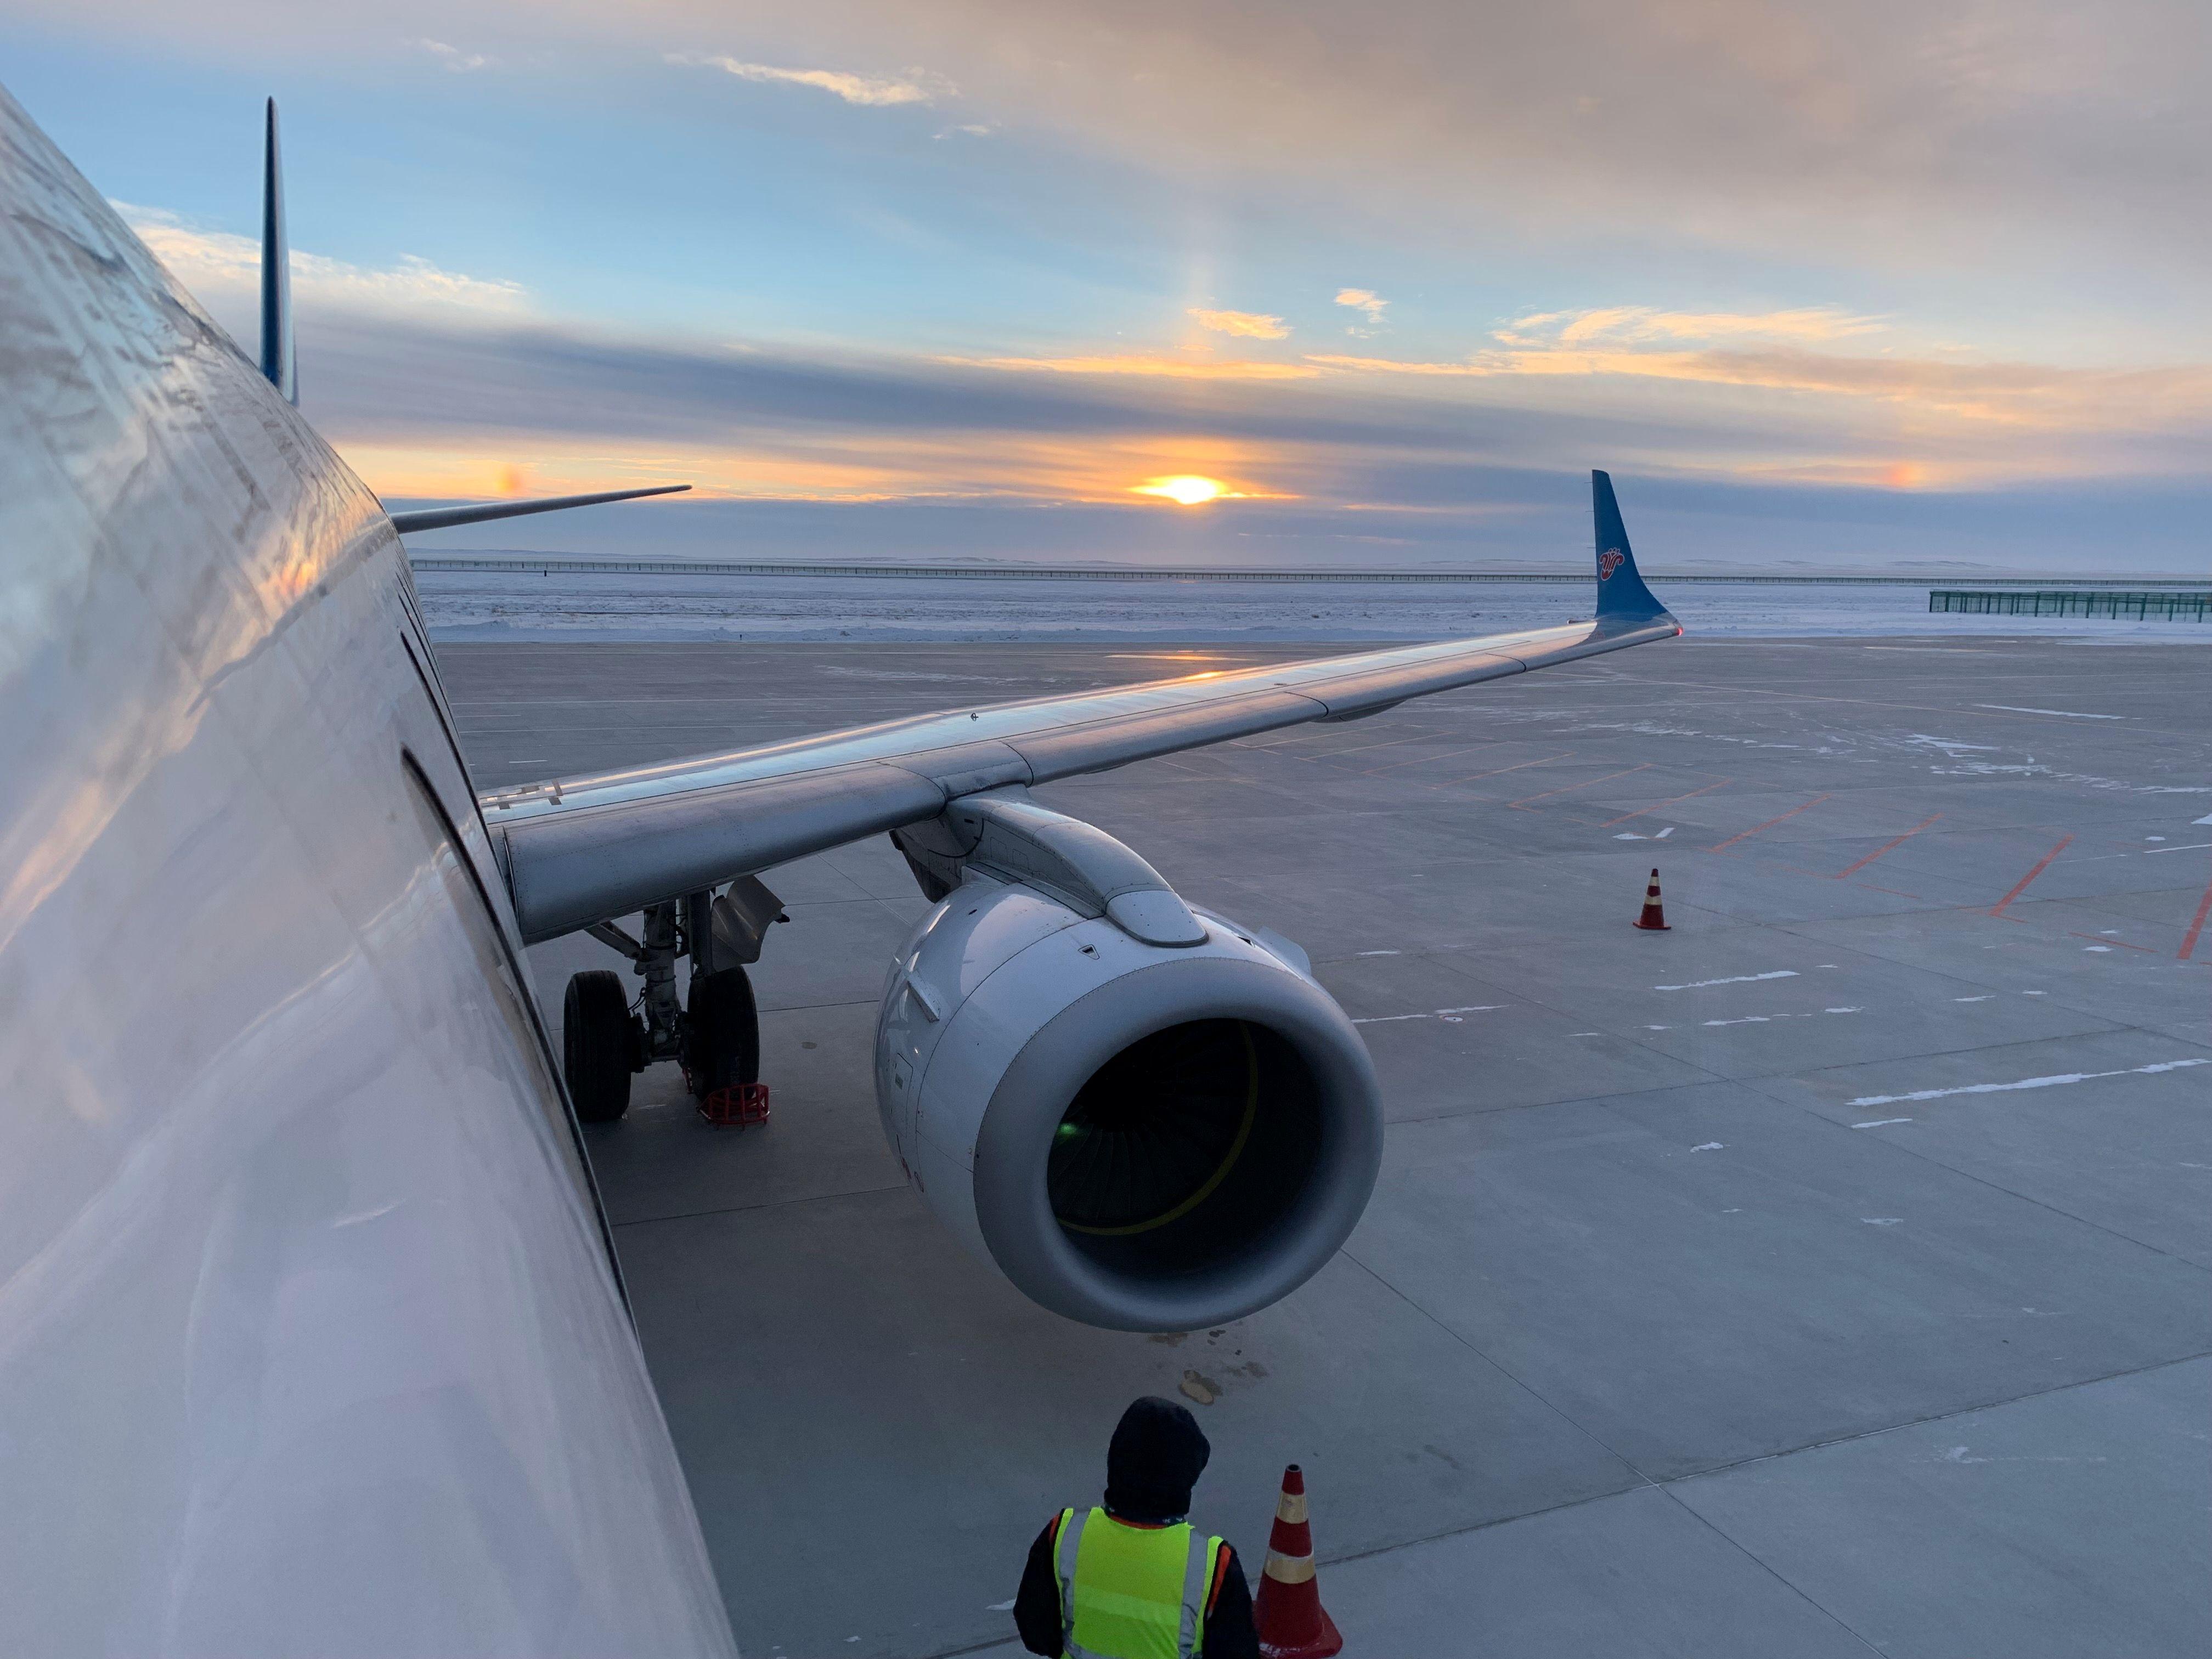 乌鲁木齐—富蕴航班由于南航计划原因取消